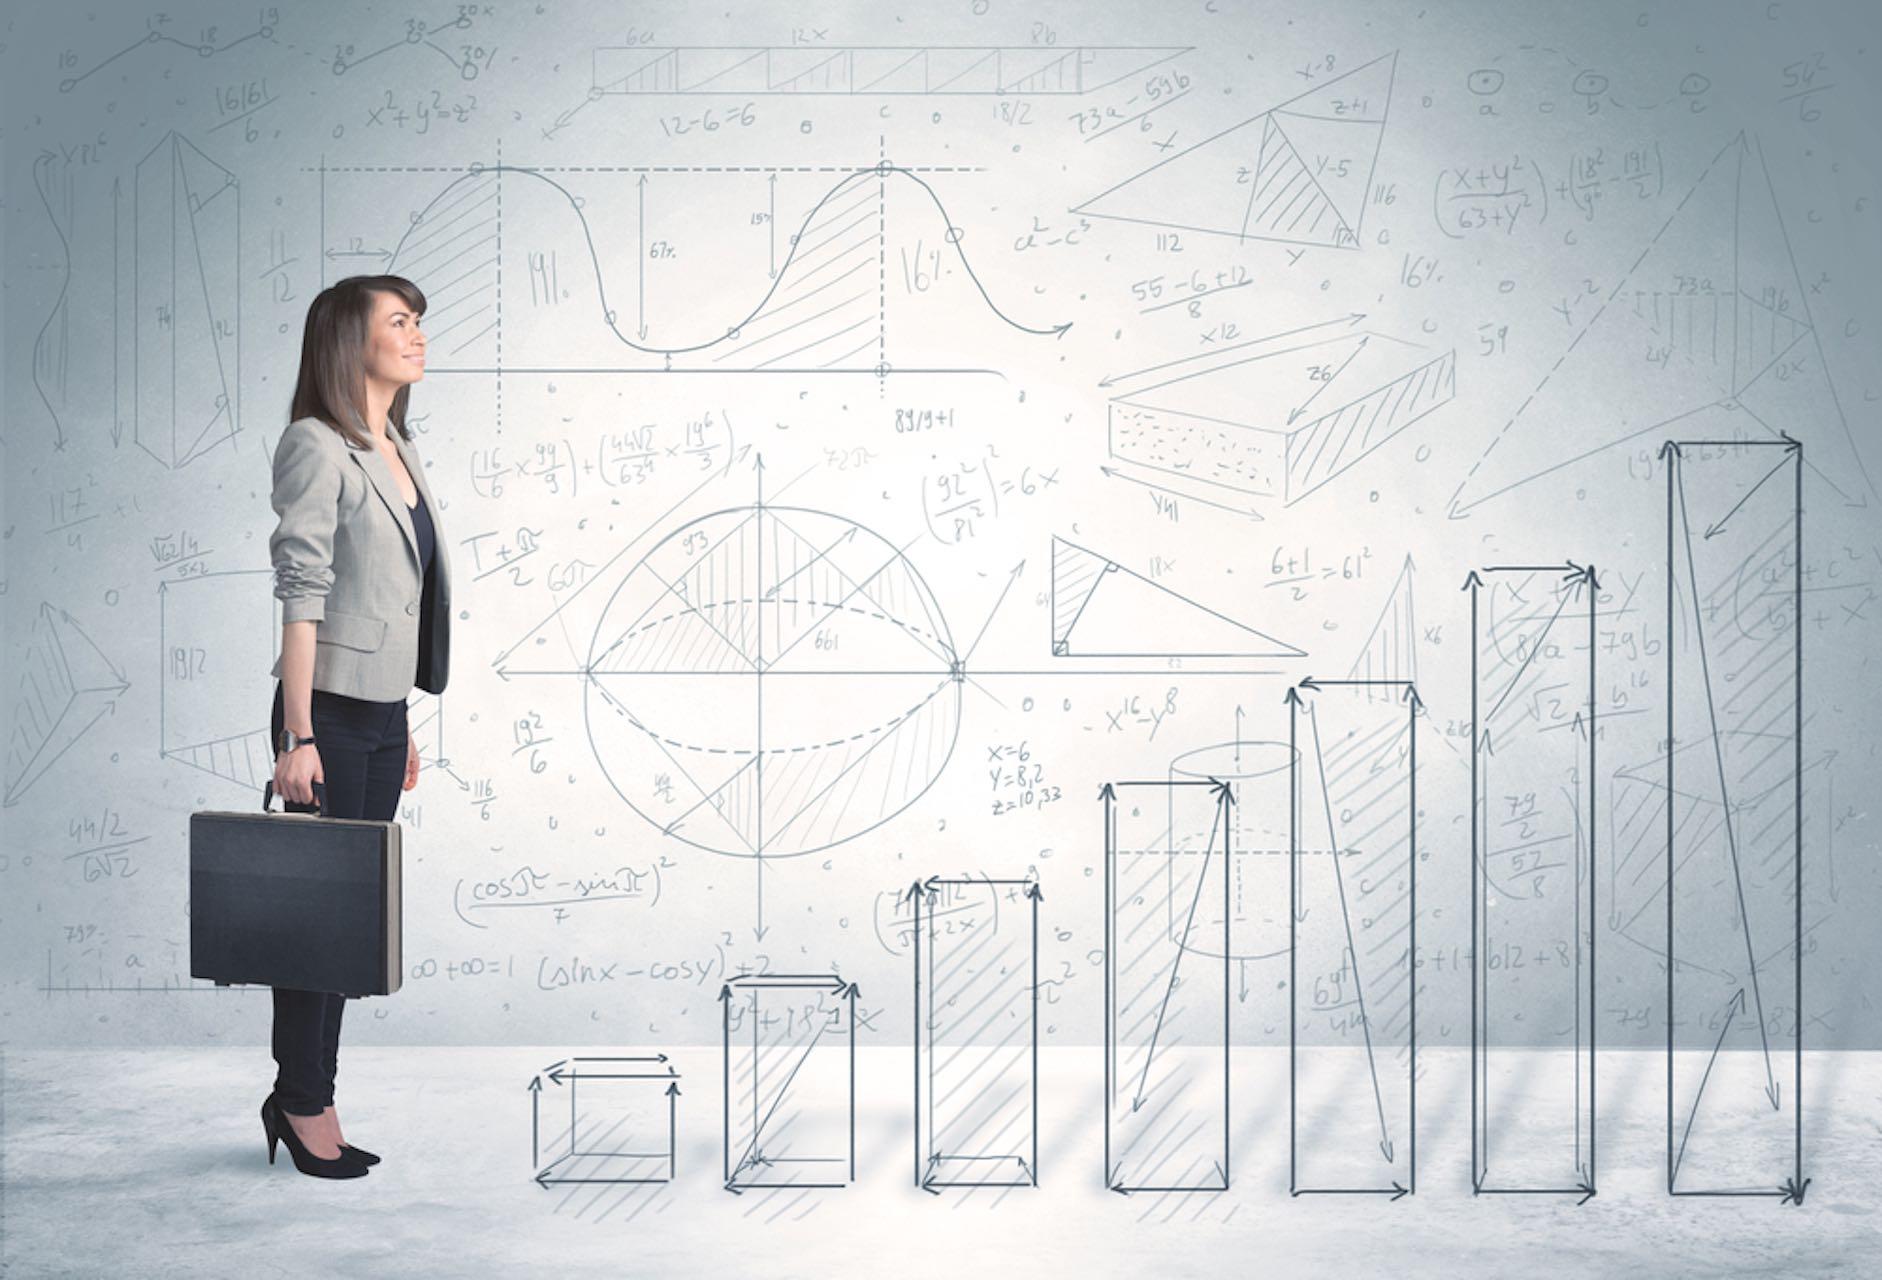 加薪的好理由,結合公司目標與個人職涯發展